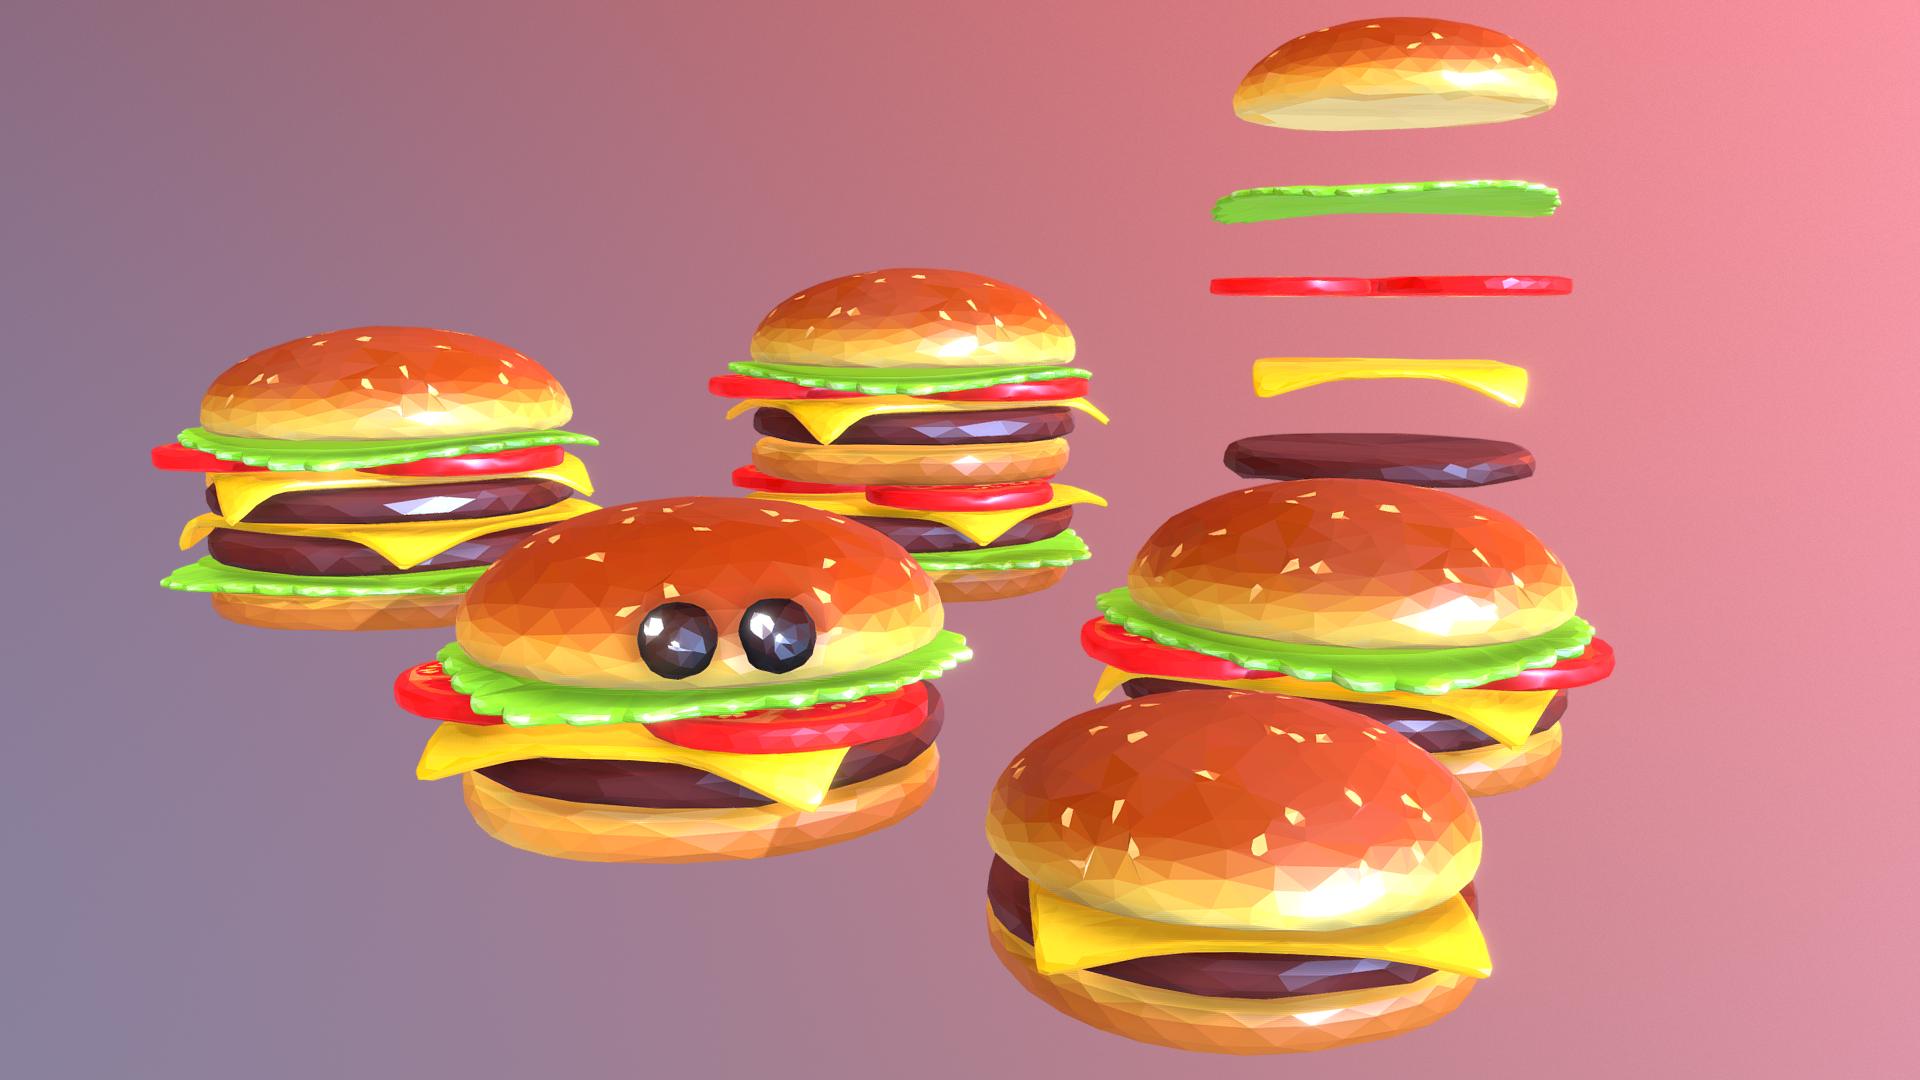 lowpolyart hamburger cheeseburger graditelj 3d model 3ds max fbx jpeg jpg ma mb tekstura obj 269550